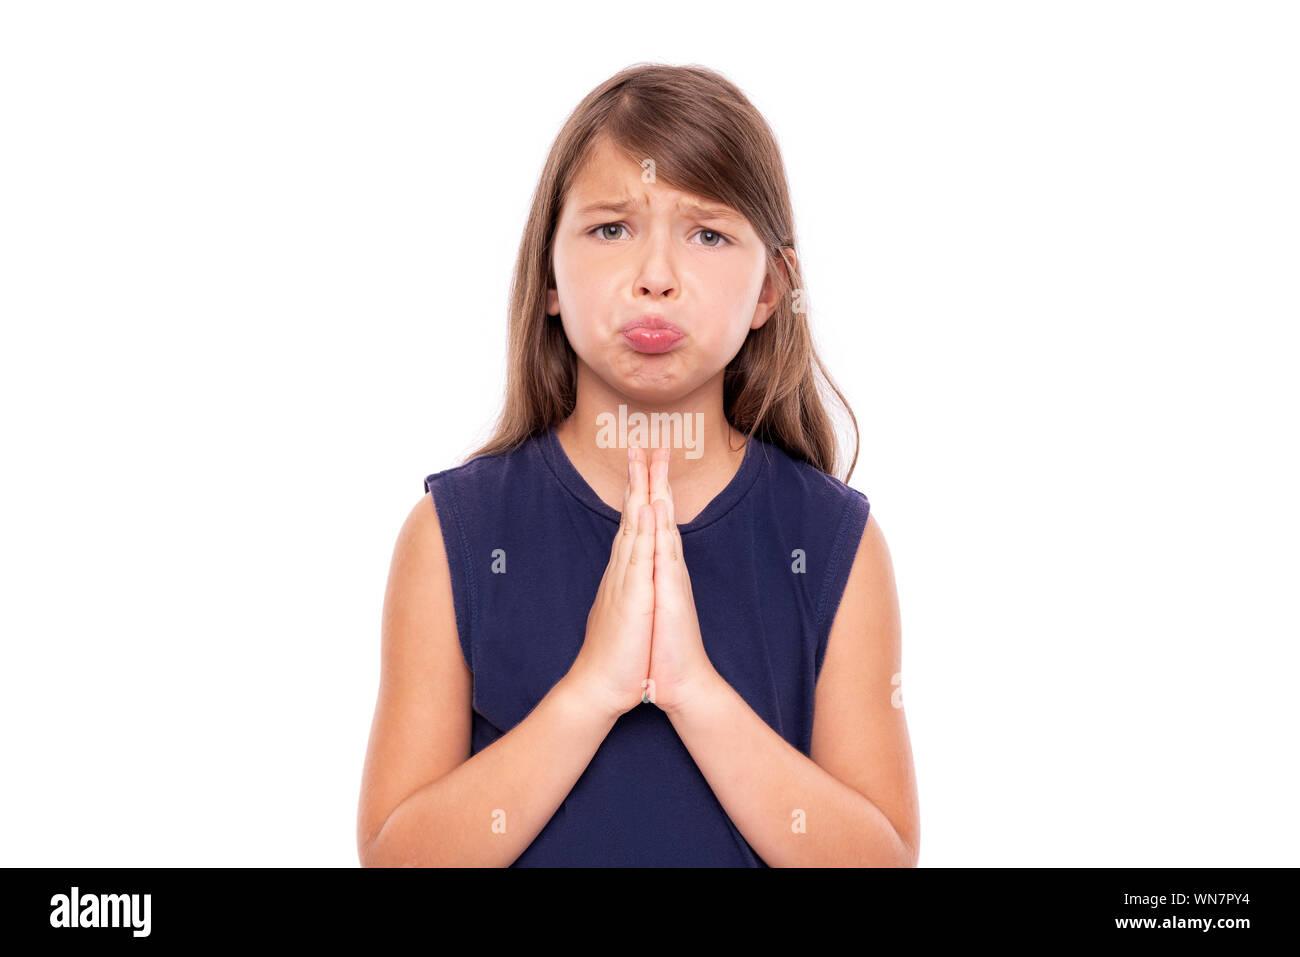 Little girl folded her hands in prayer. Stock Photo